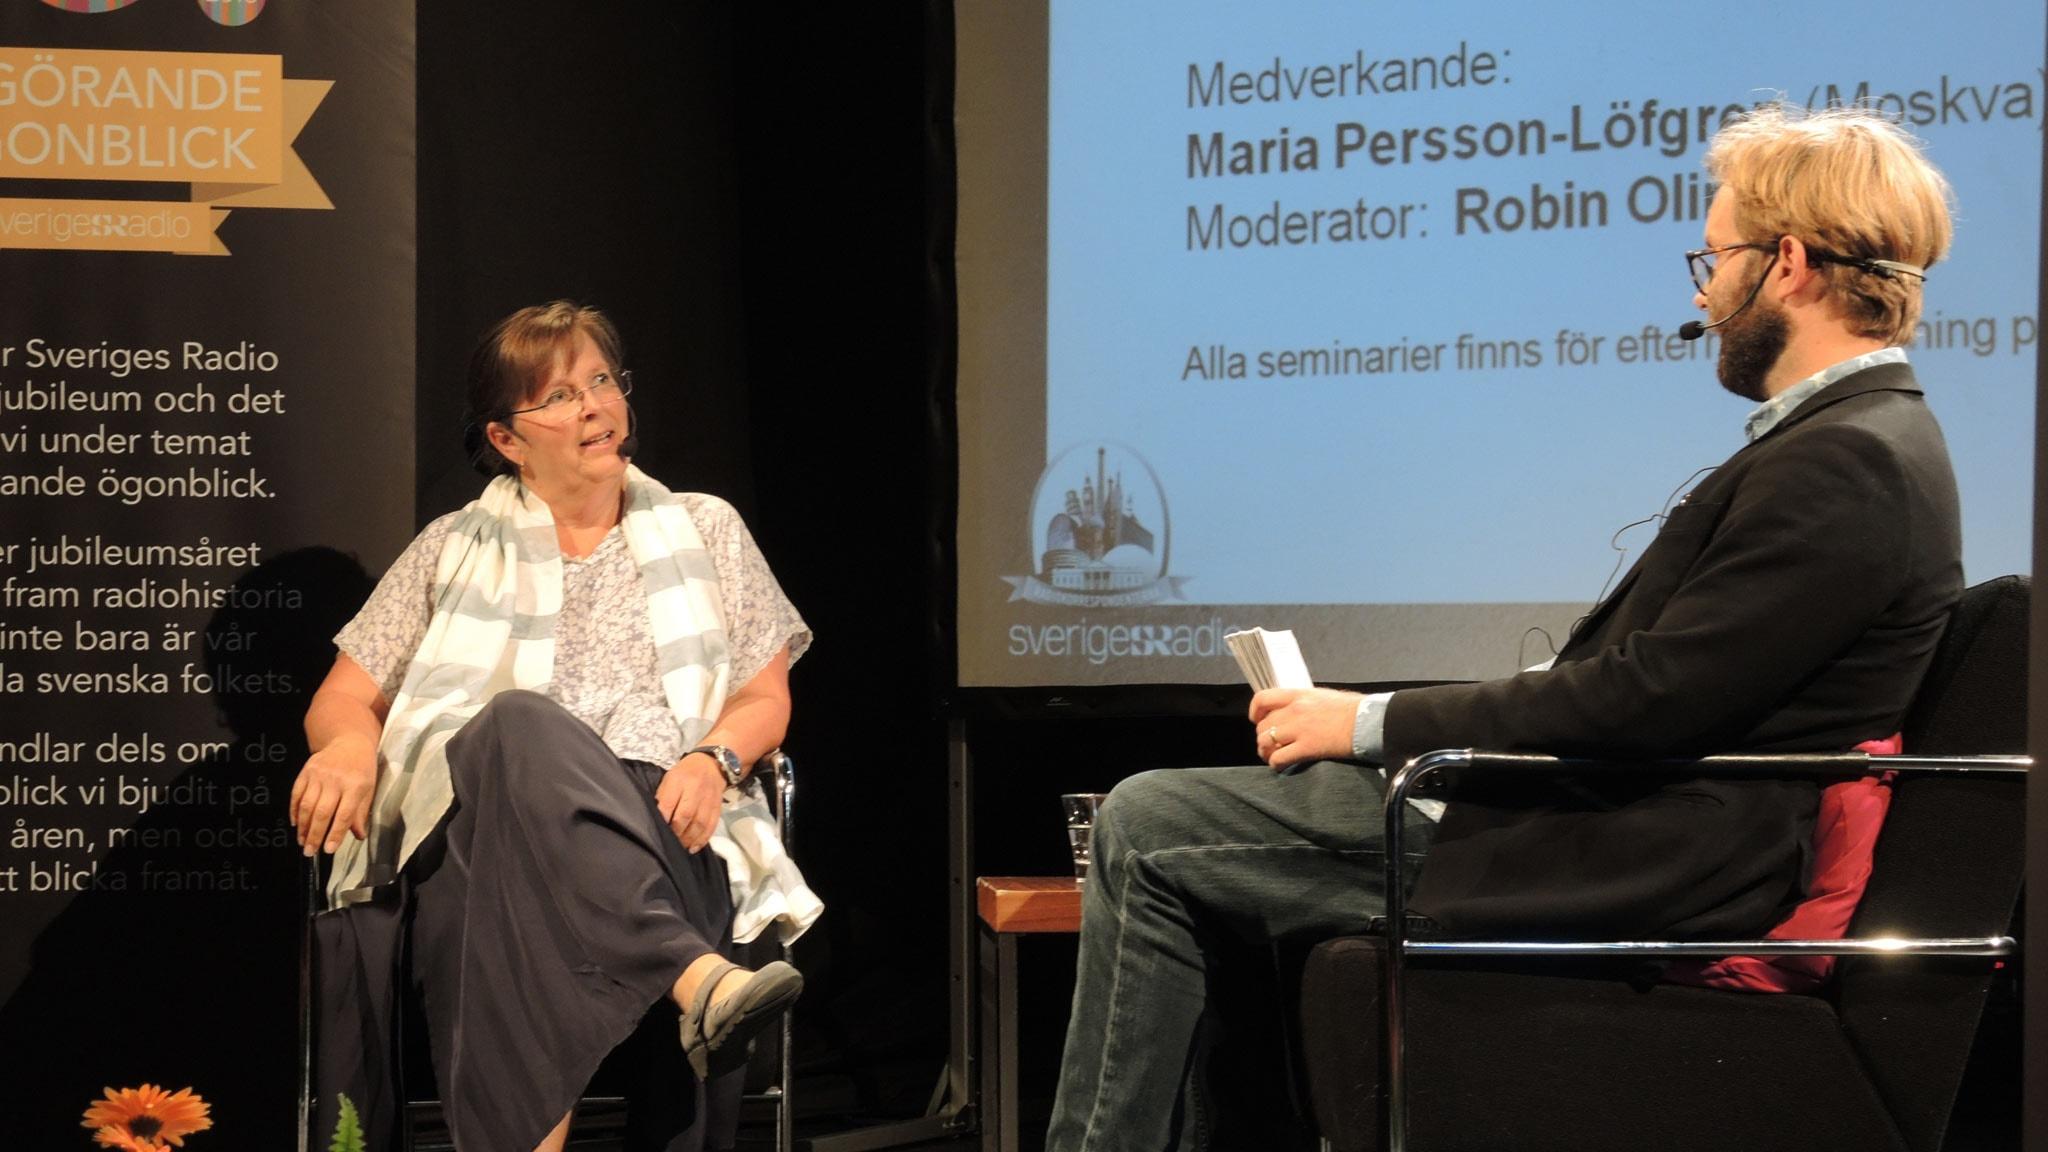 Maria Persson-Löfgren om när pricksskyttar sköt ner demonstranterna